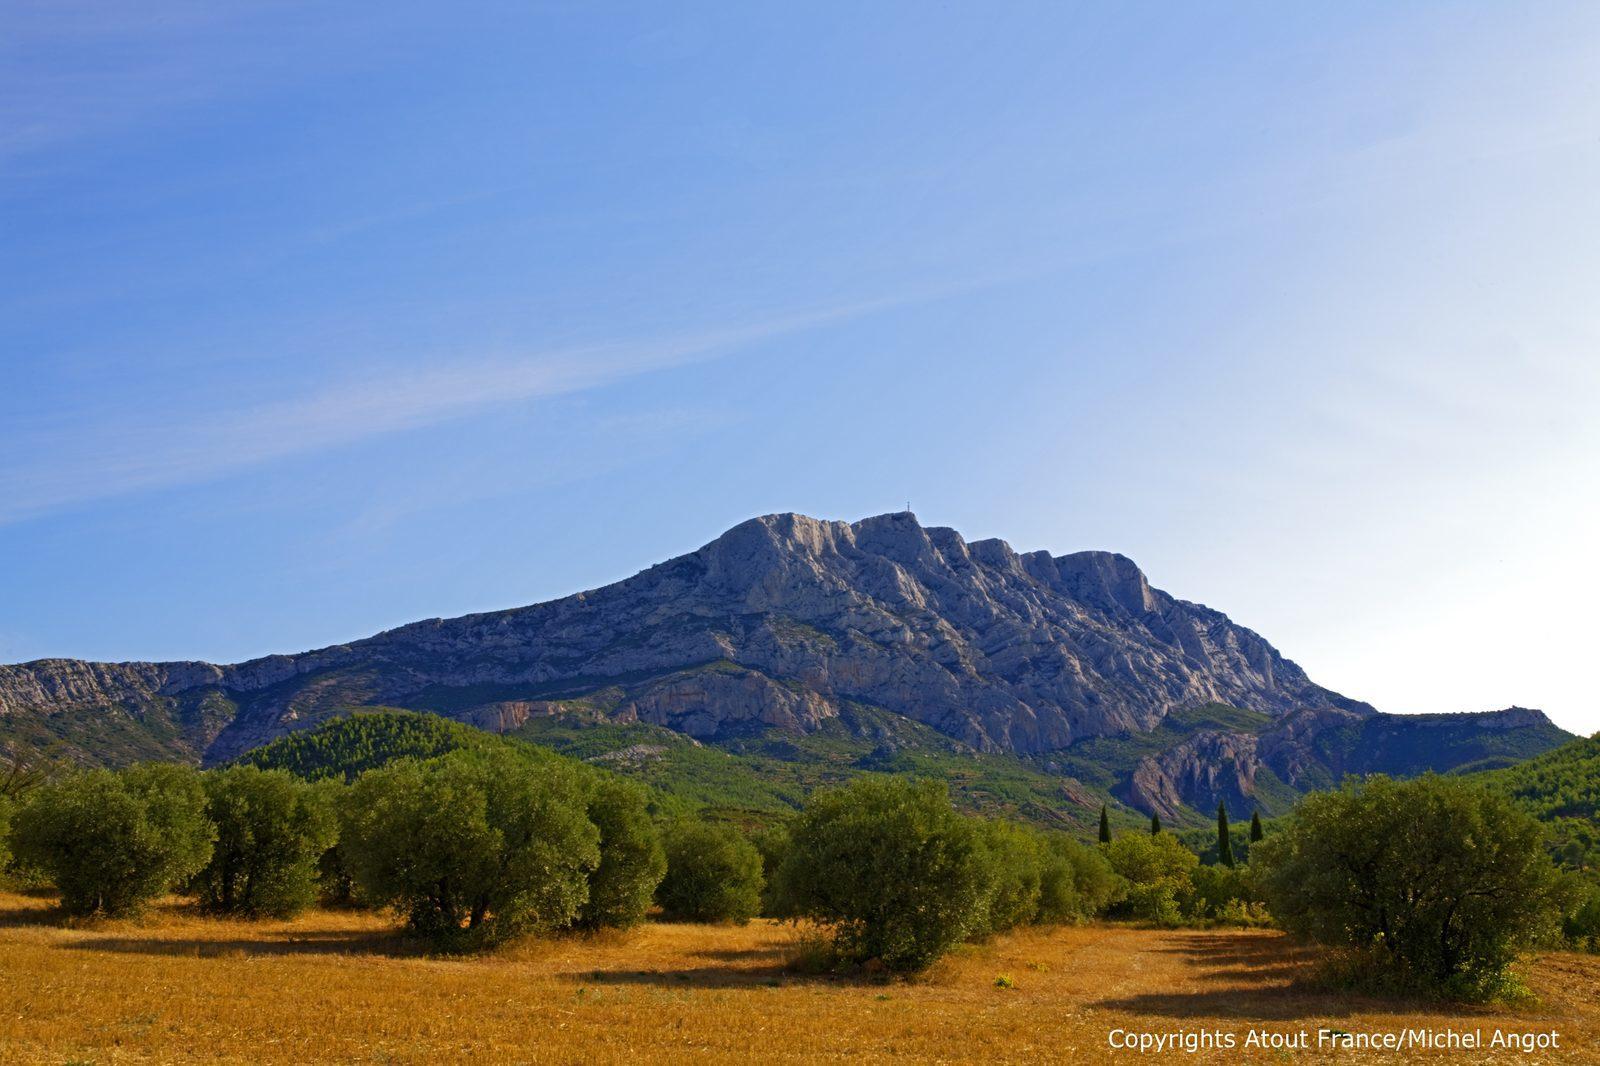 Omgeving van de Luberon, Provence